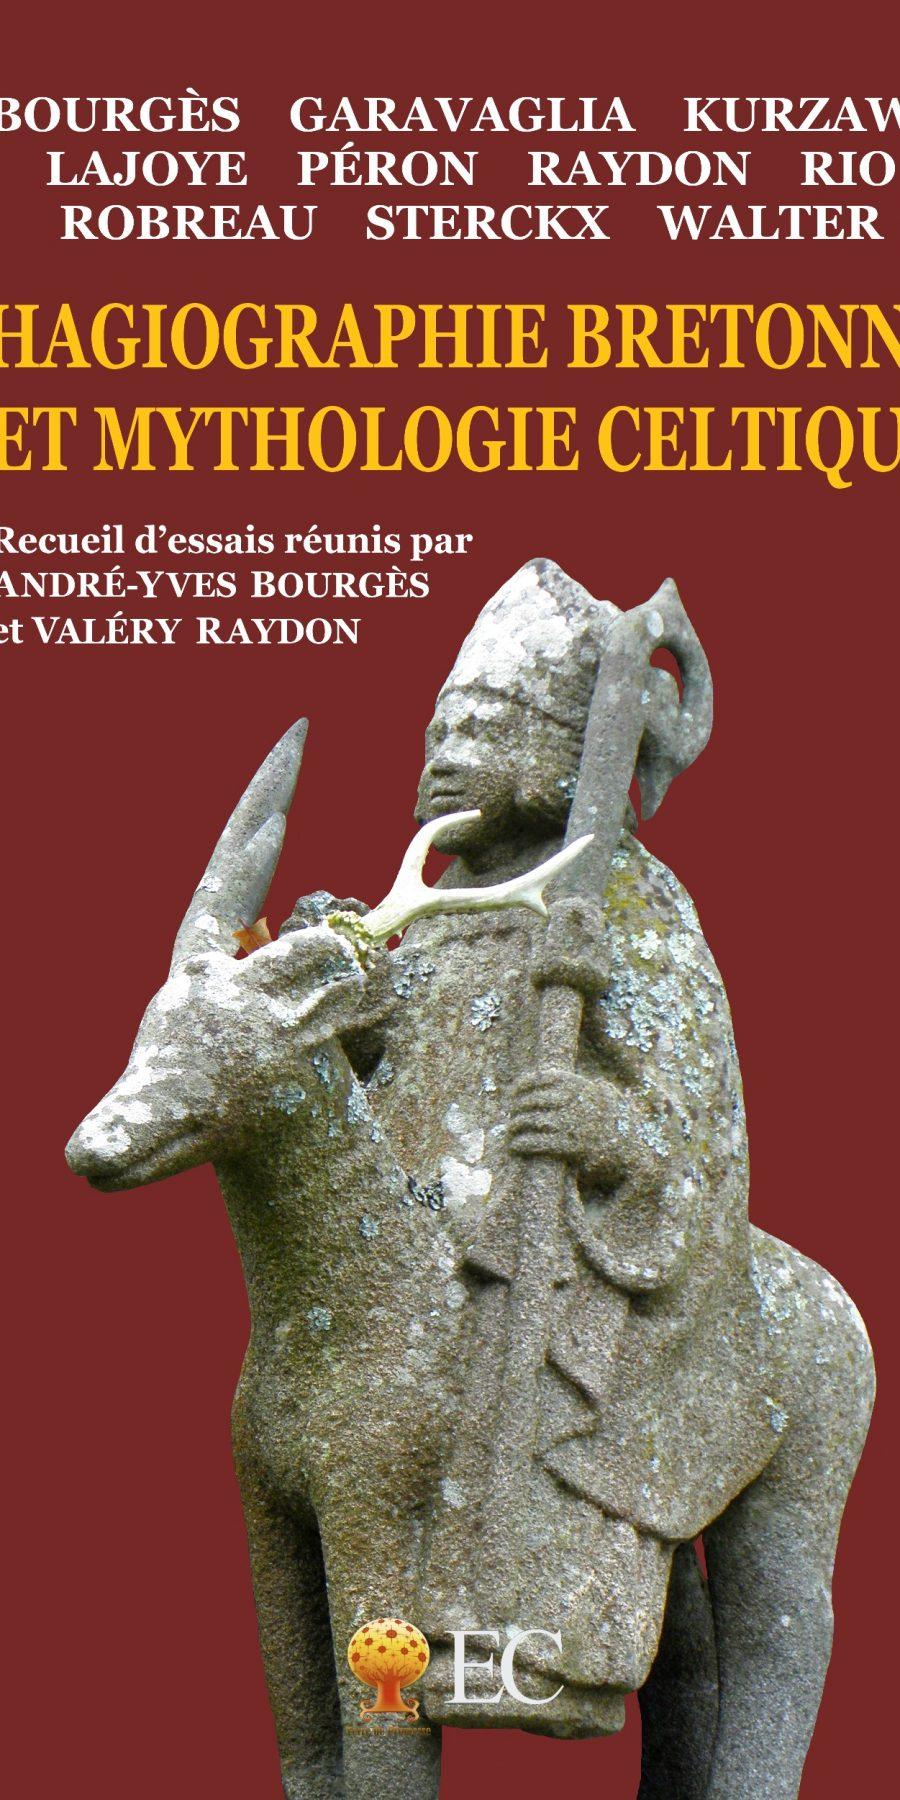 Hagiographie bretonne et mythologie celtique couverture